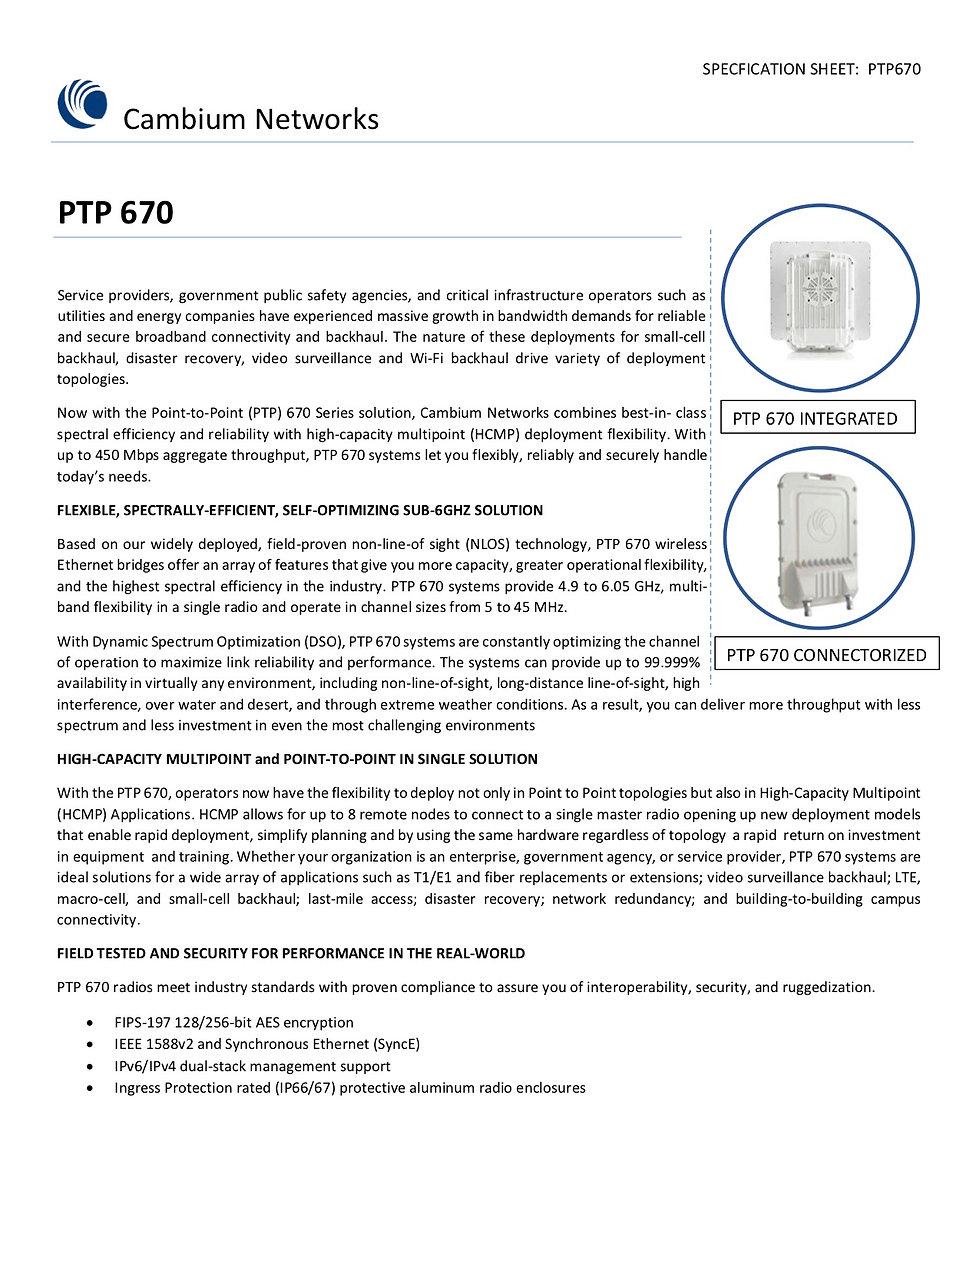 Cambium PTP 550 Specification